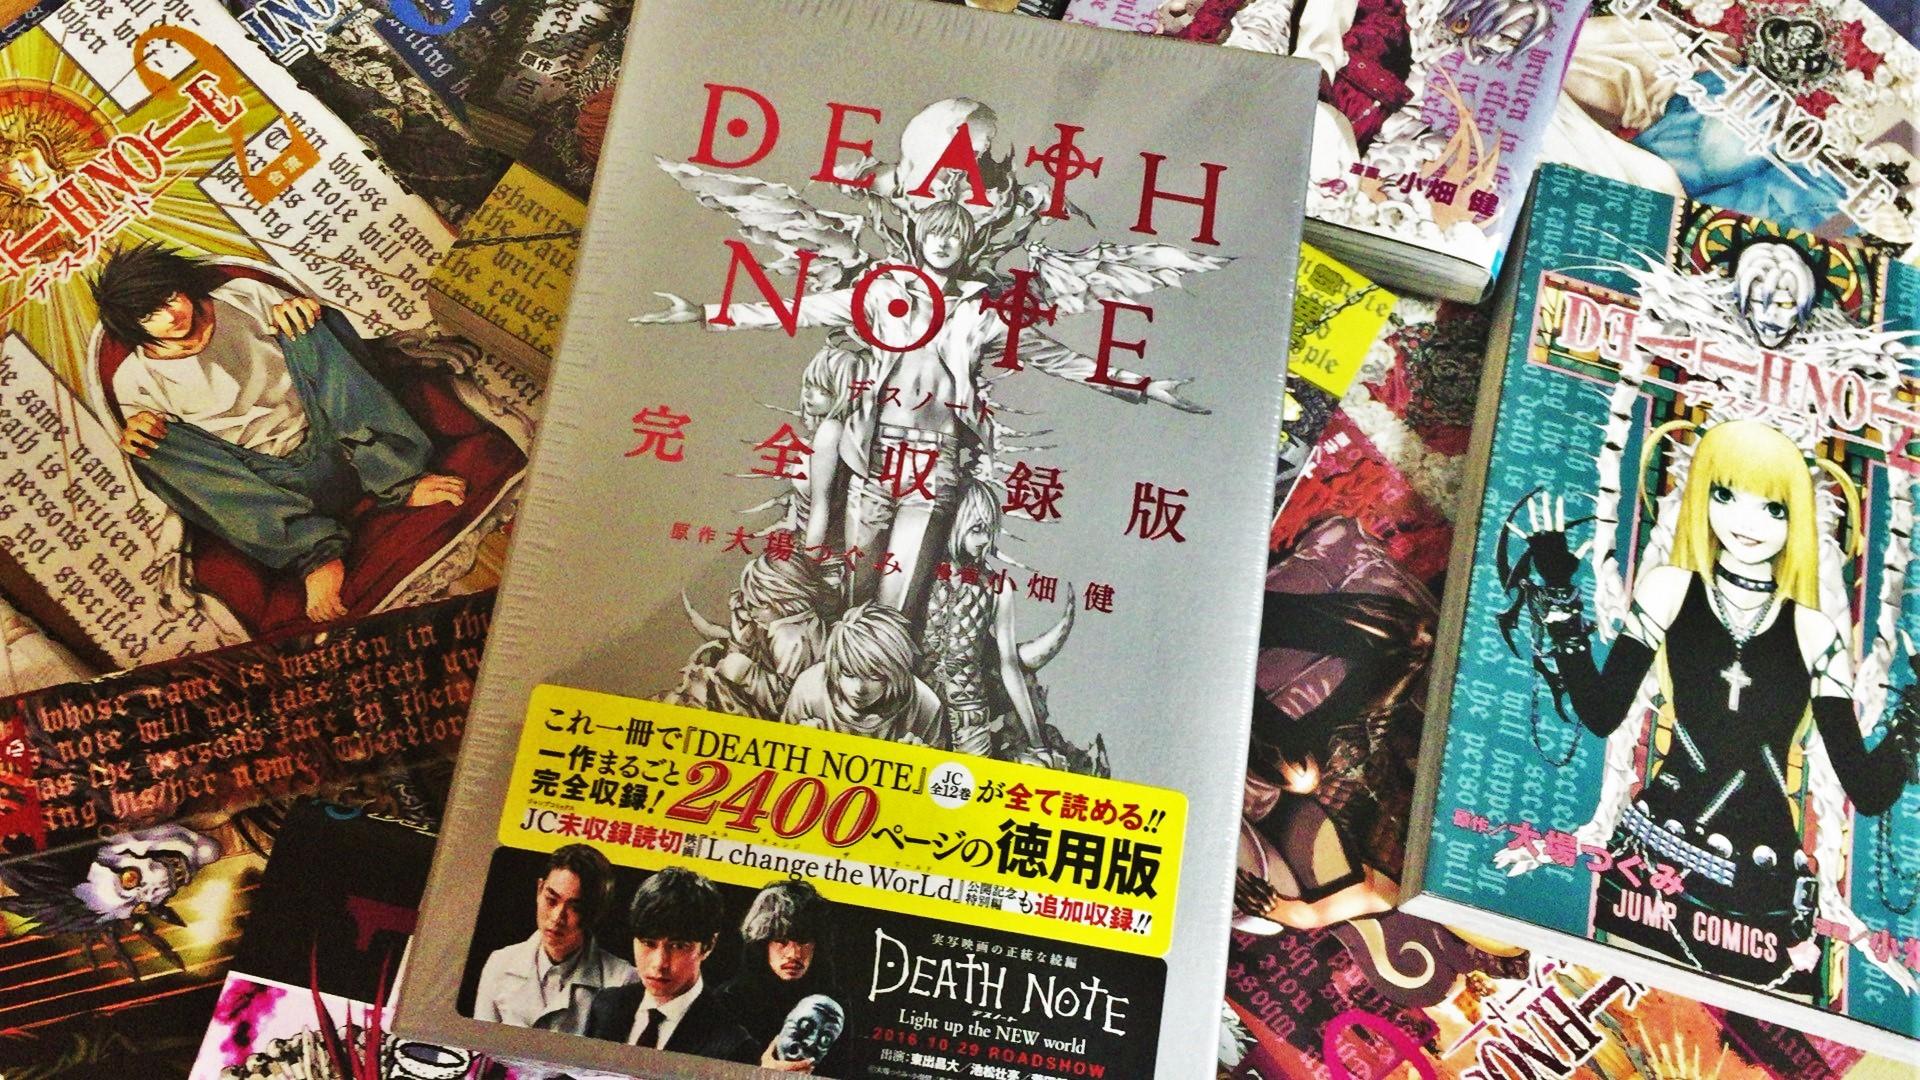 【分厚いケド超薄い!?】DEATH NOTE完全収録版はハンパないくらいボリュームが詰まってた